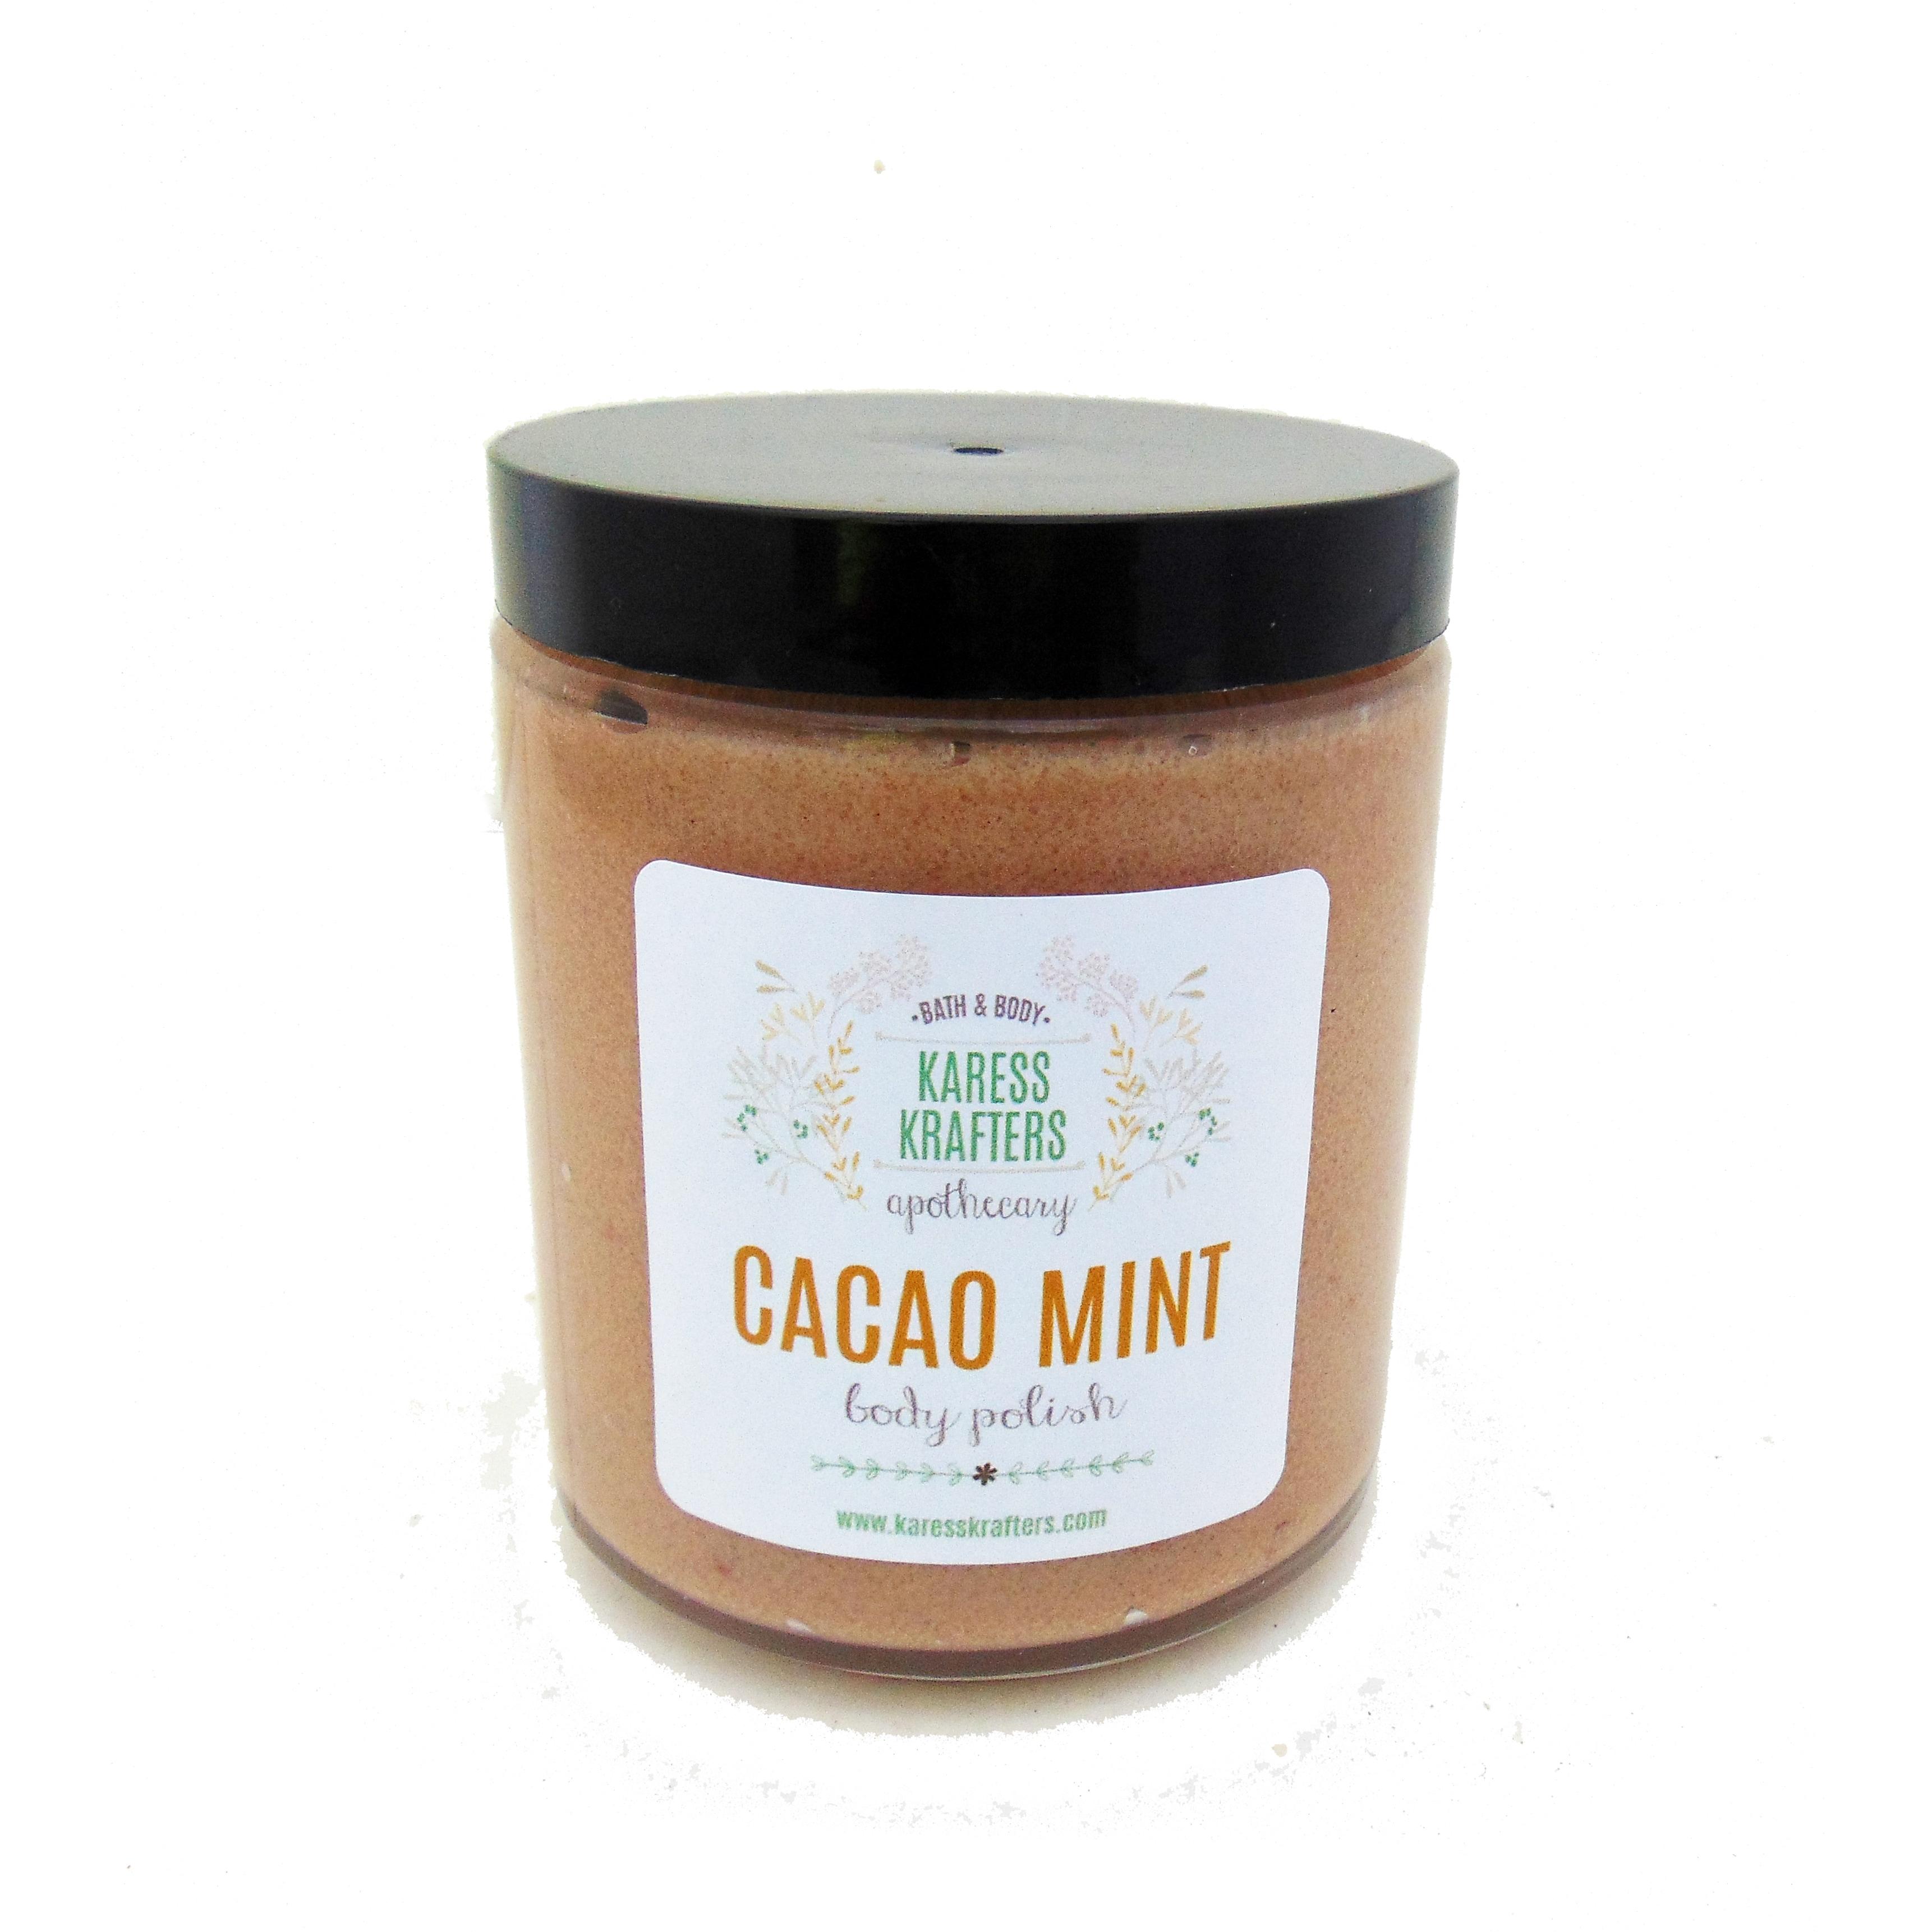 Cacao Mint Body Polish, Sugar Scrub, Natural Exfoliate wi...